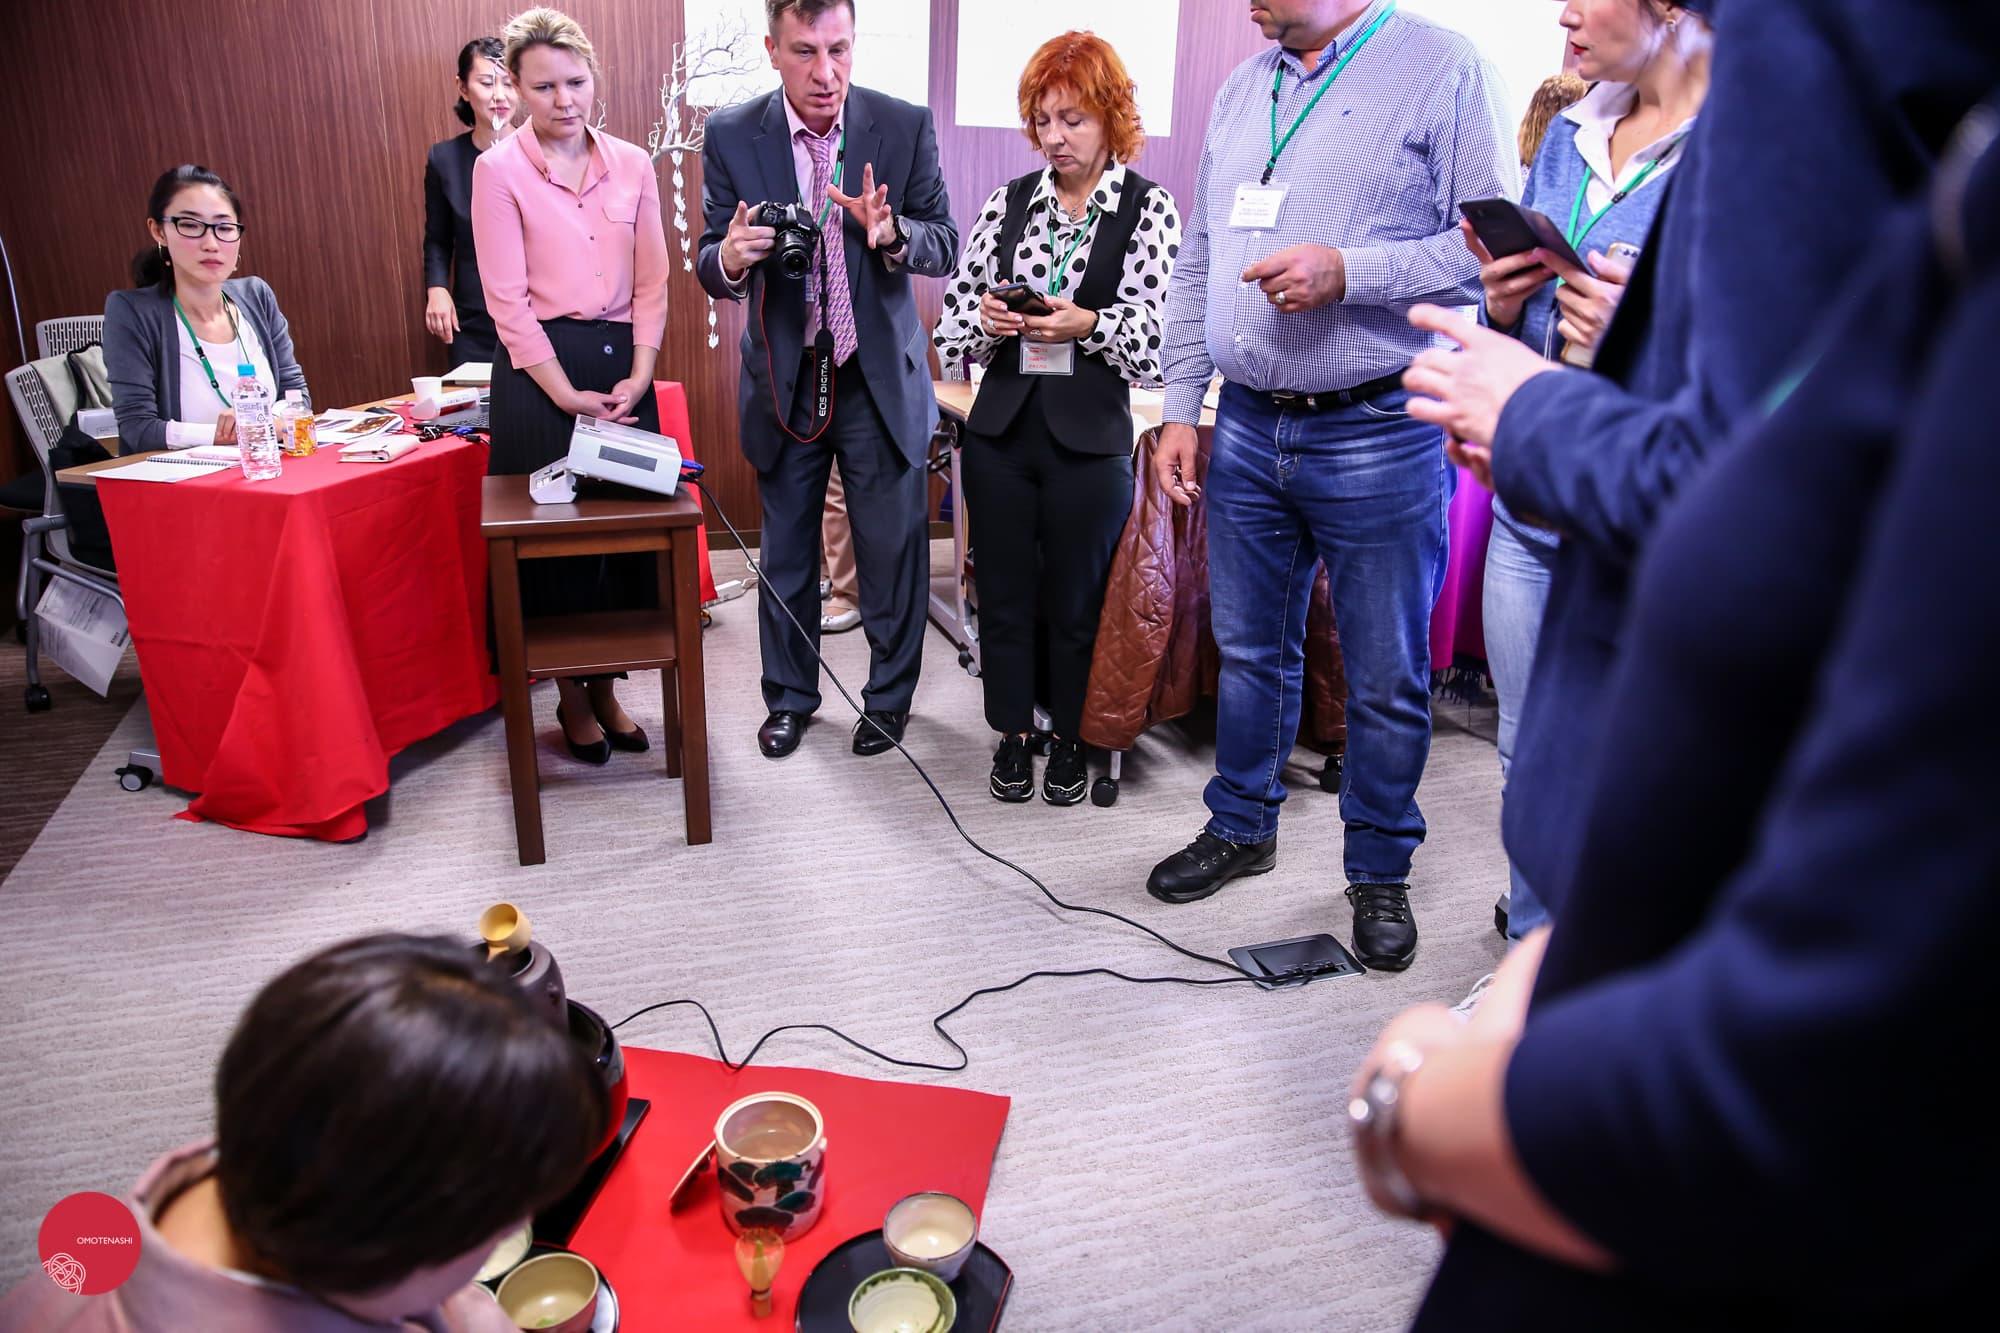 外務省 日本センター事業 日露経営人材養成、ロシア大統領プログラム「おもてなし研修」